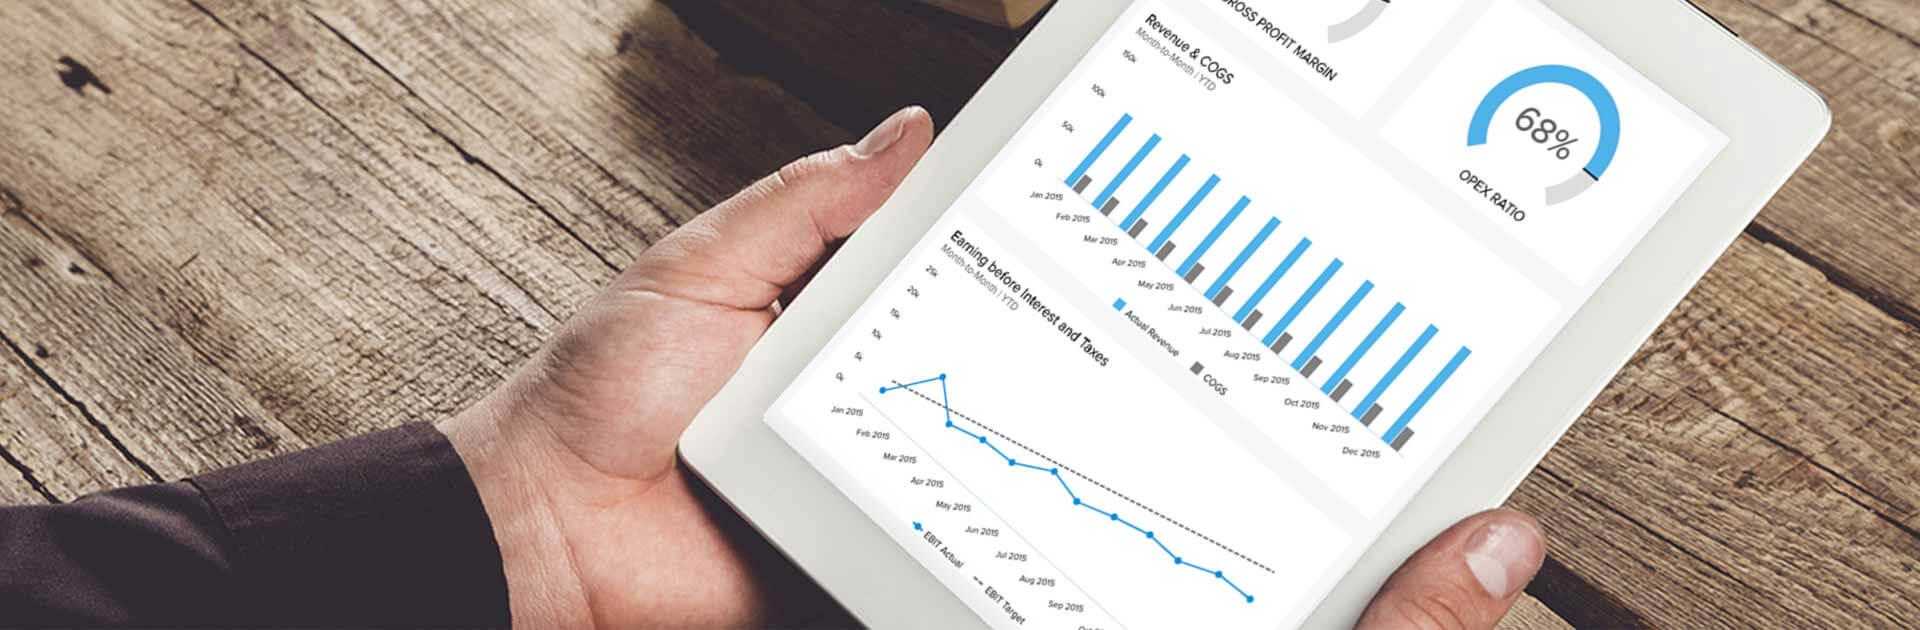 Datenanalysen & Datenauswertungen in Excel? Ihre Smarte Alternative!